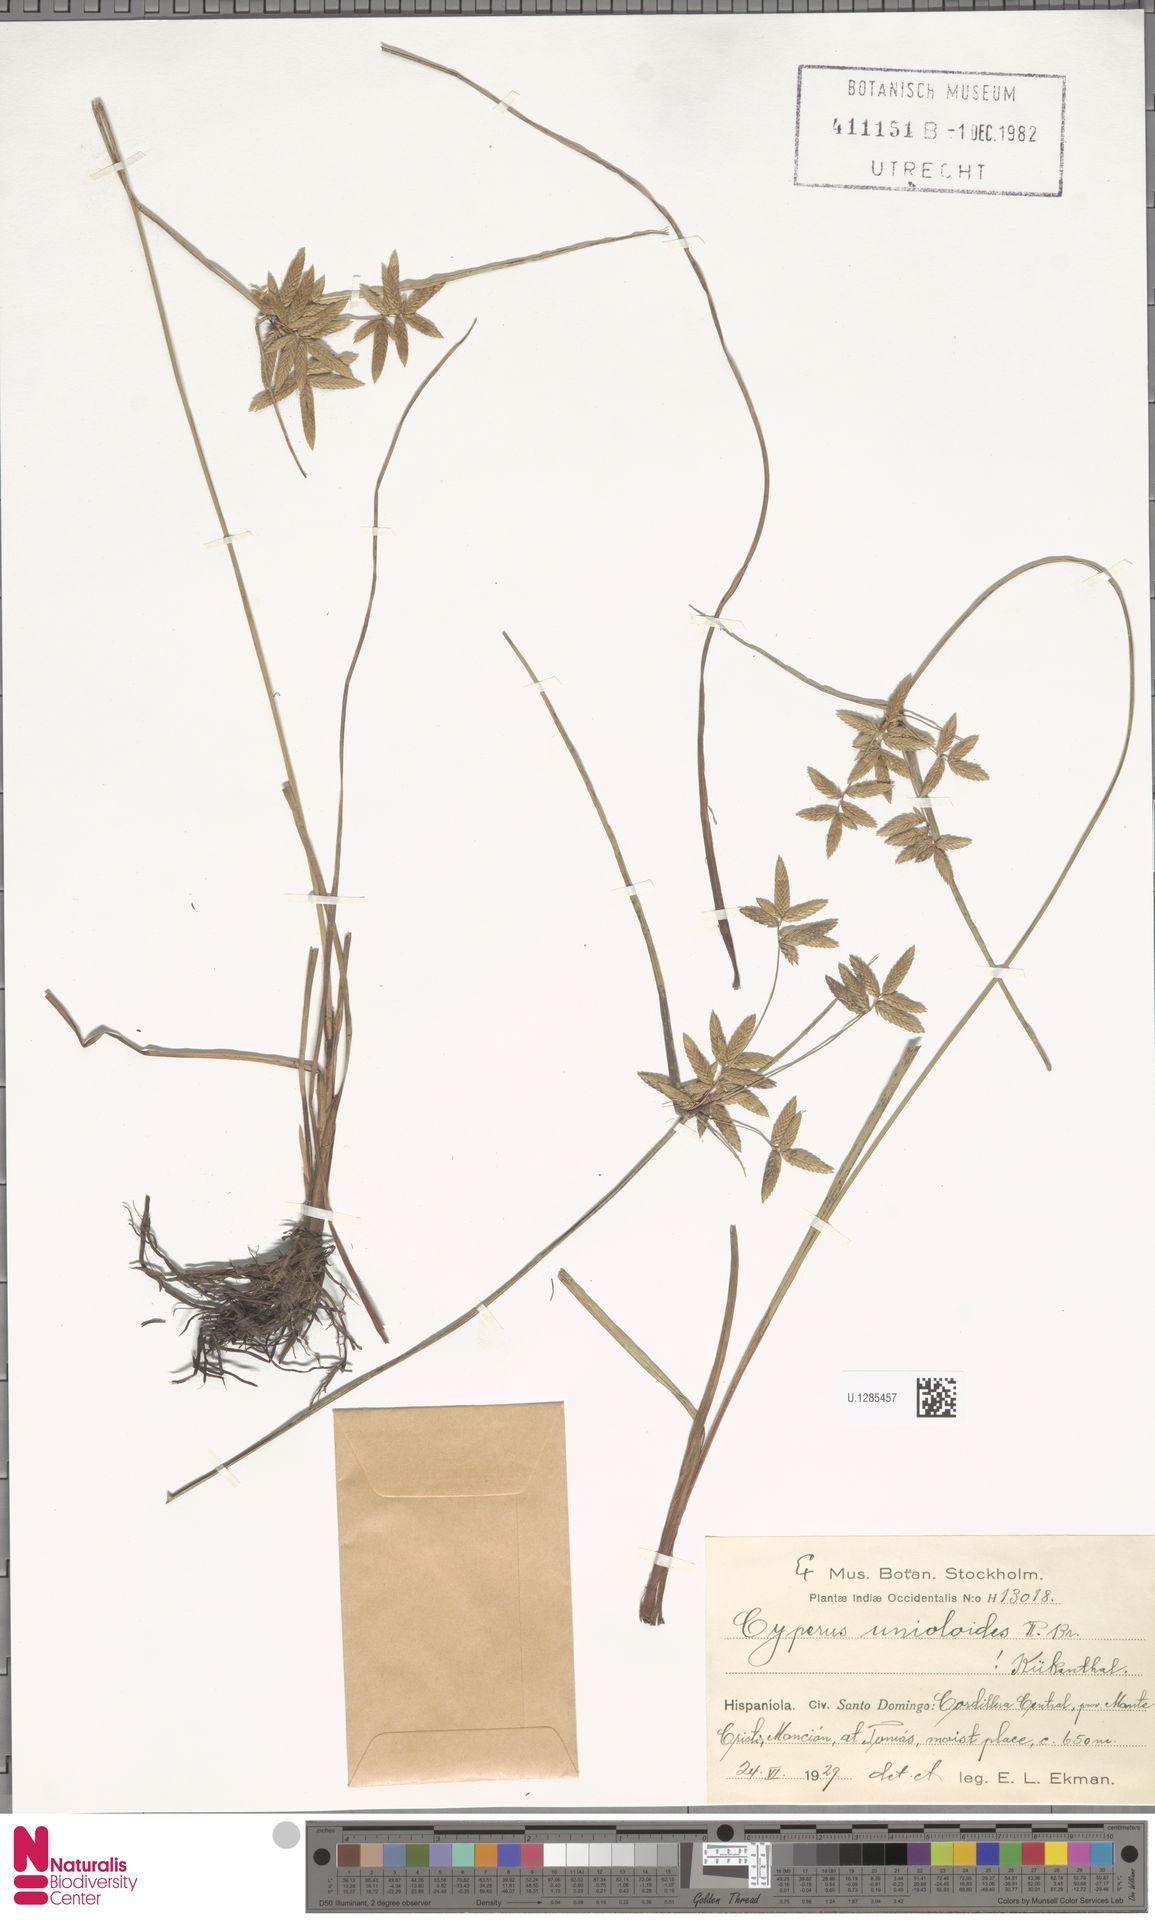 U.1285457 | Cyperus unioloides R.Br.